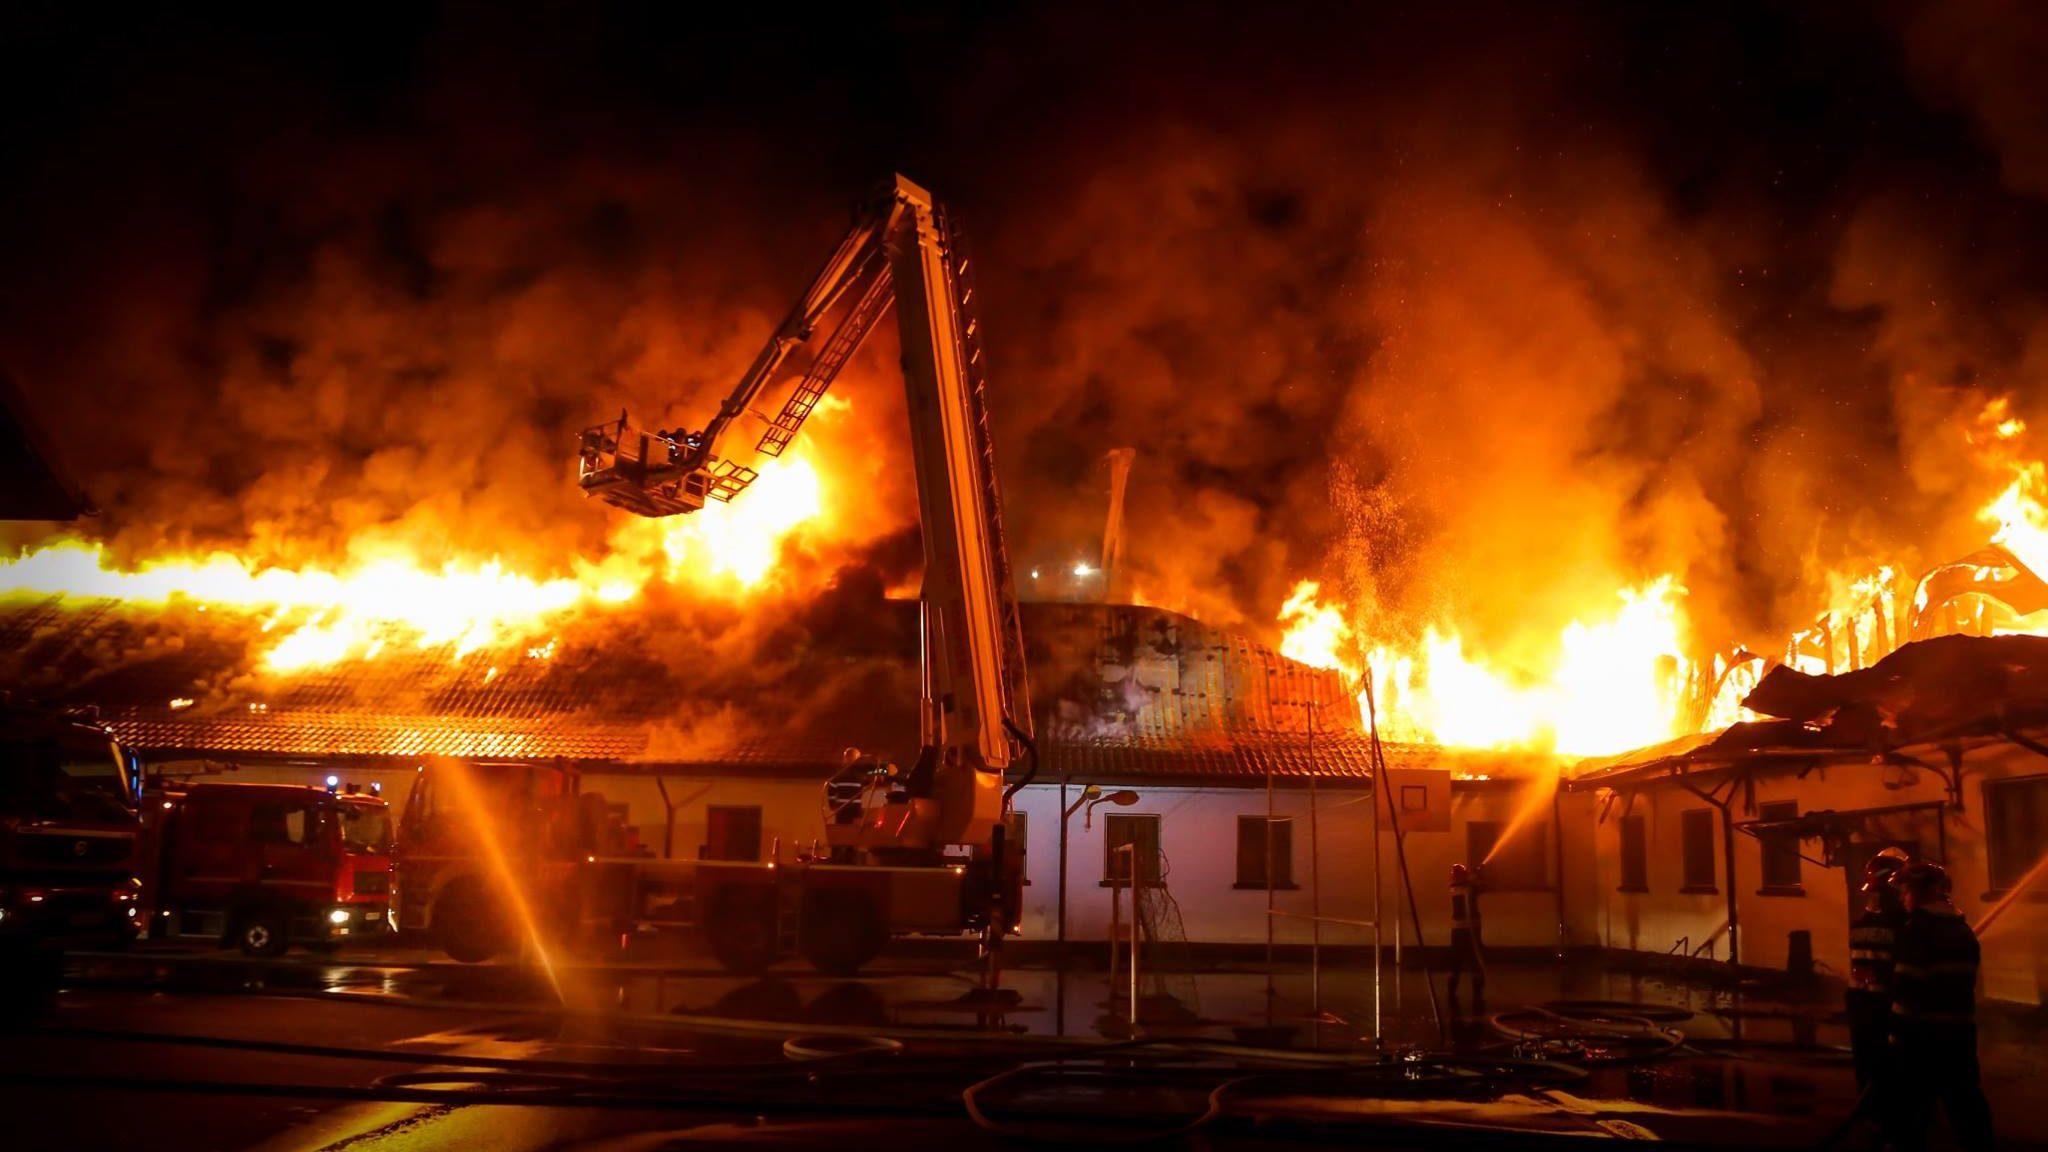 Gunoiul sub preș: autorizația ISU de securitate la incendiu nu mai este necesară la acreditarea școlilor